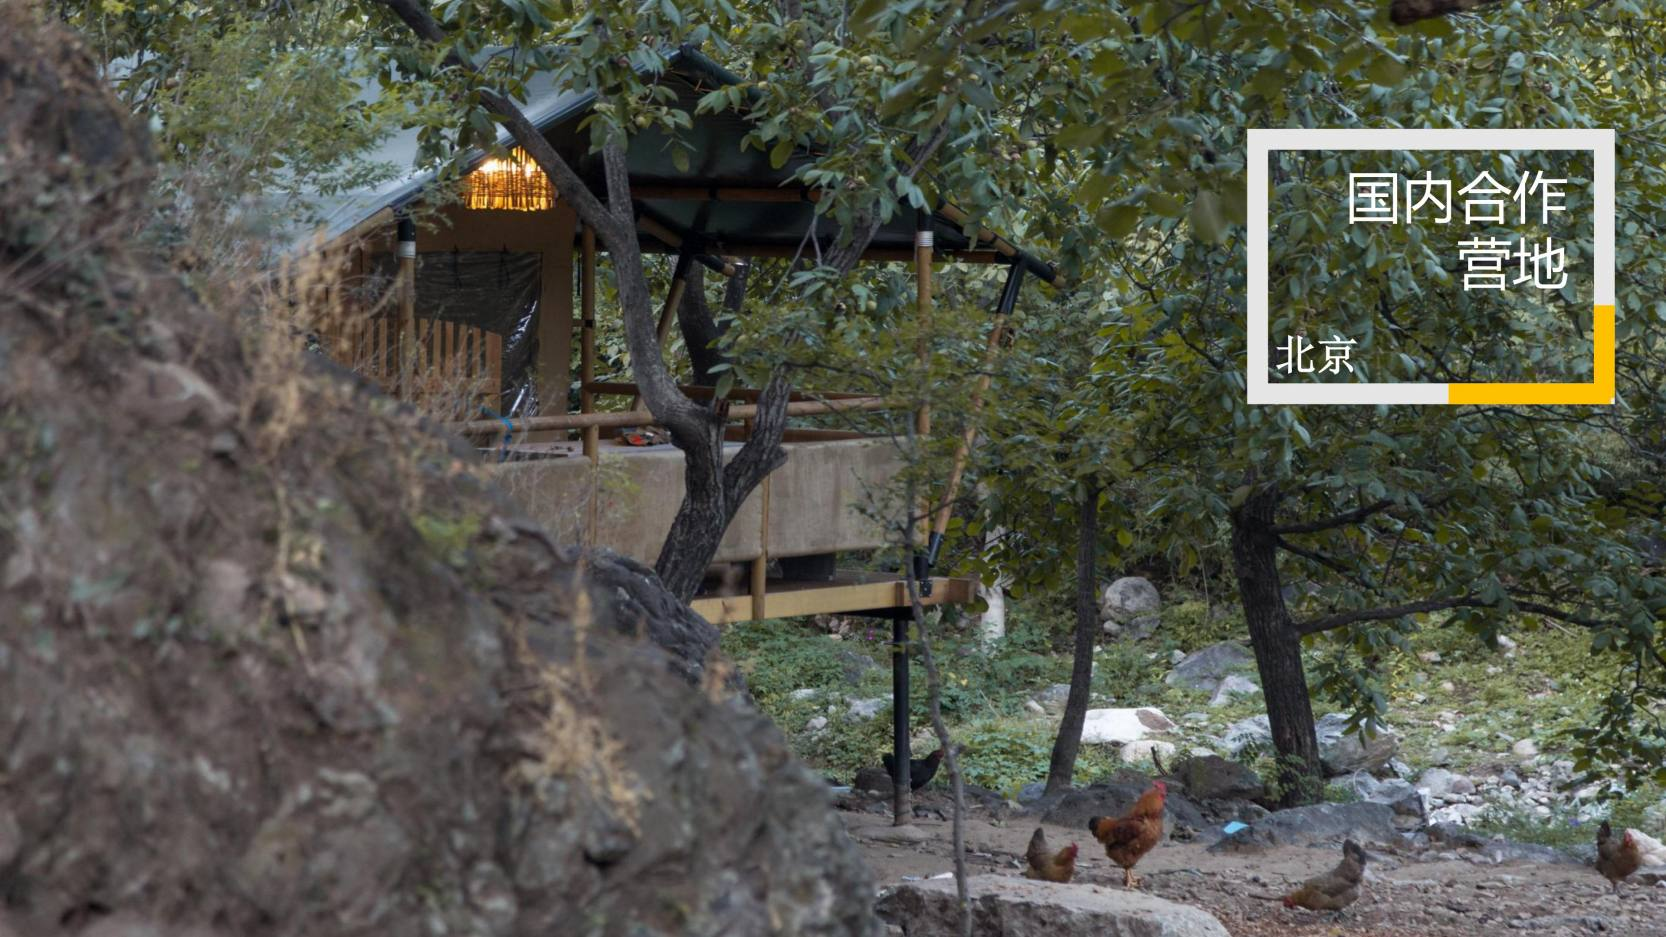 喜马拉雅野奢帐篷 (27)